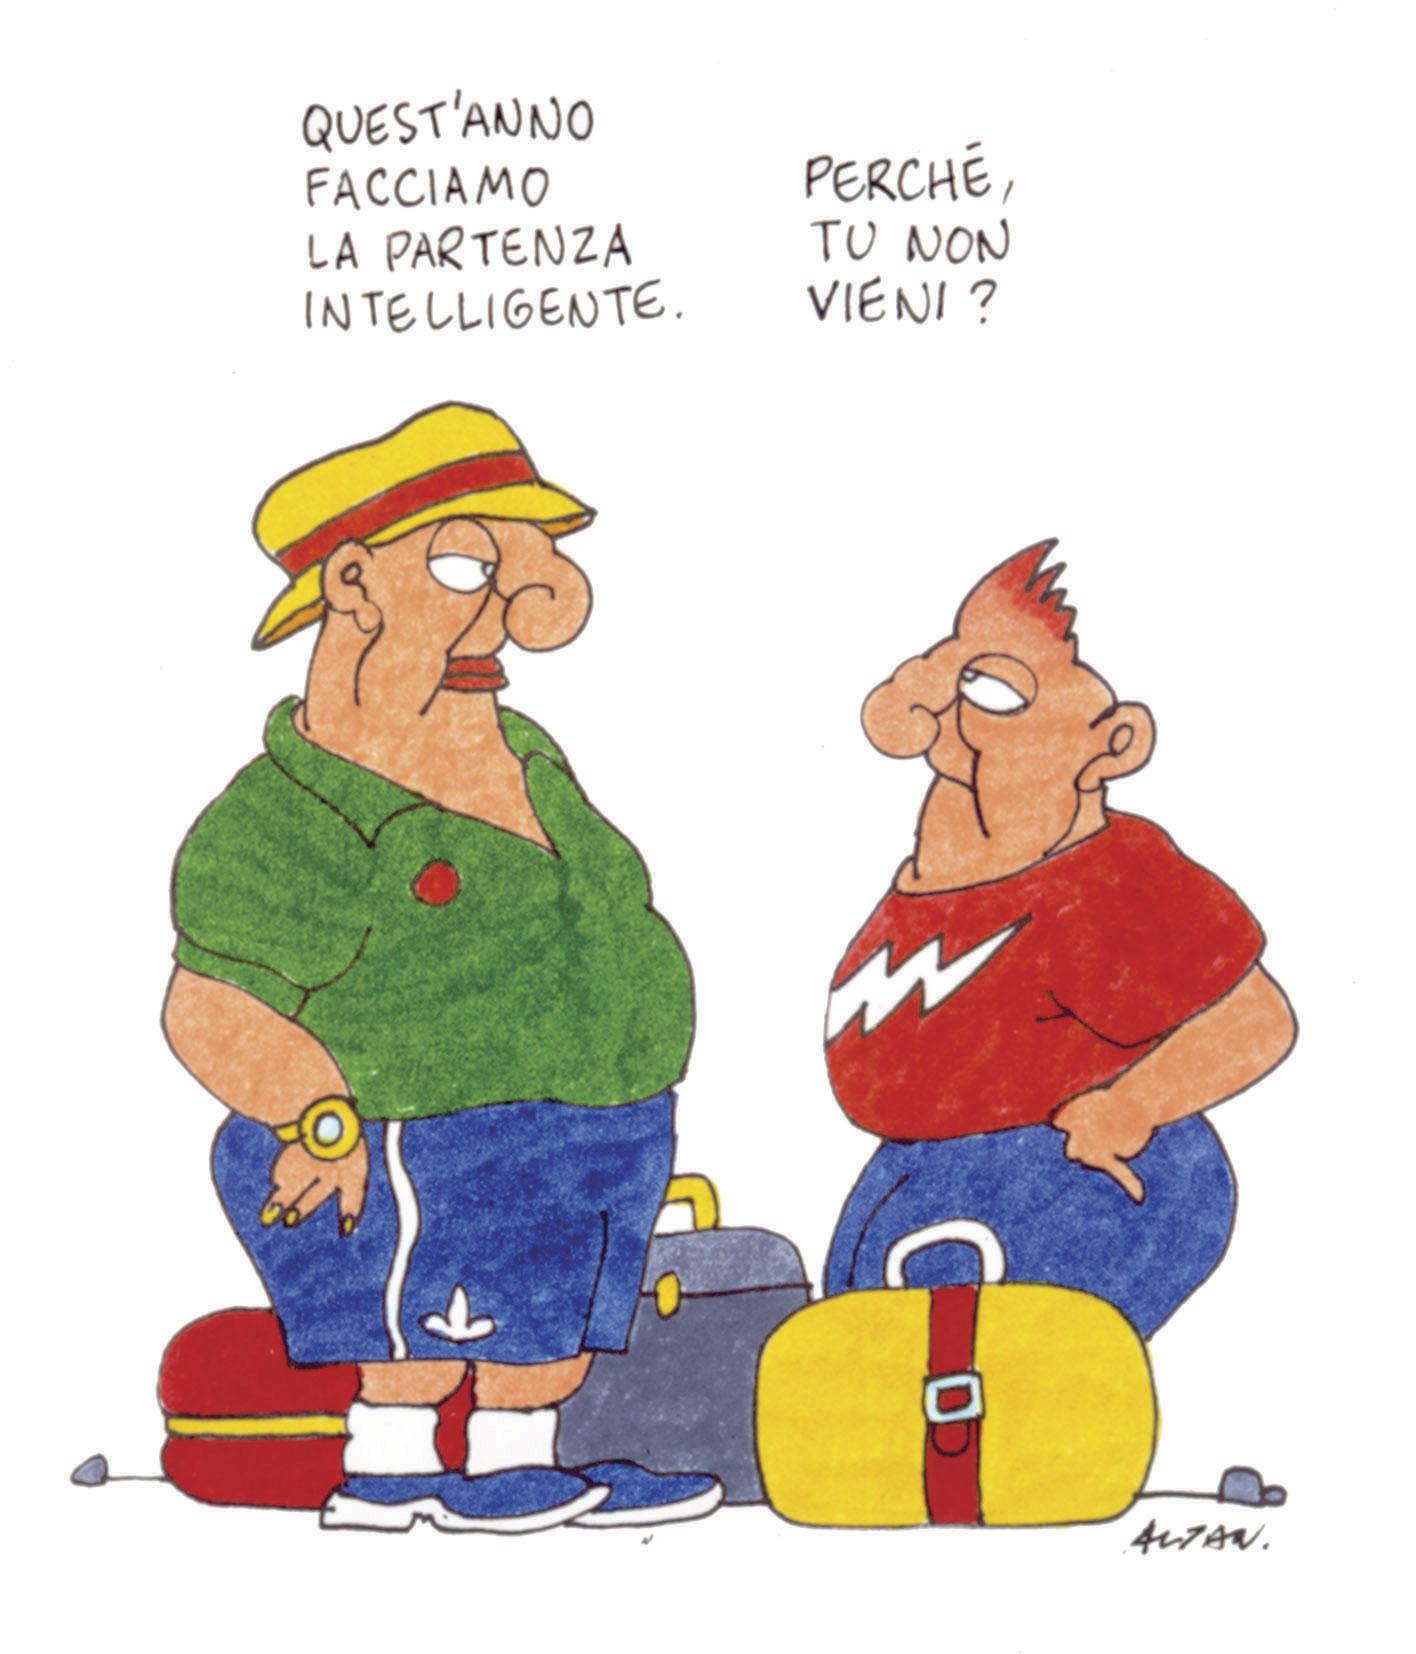 Amato Vignette e sorrisi per la sicurezza stradale — UniboMagazine PX21